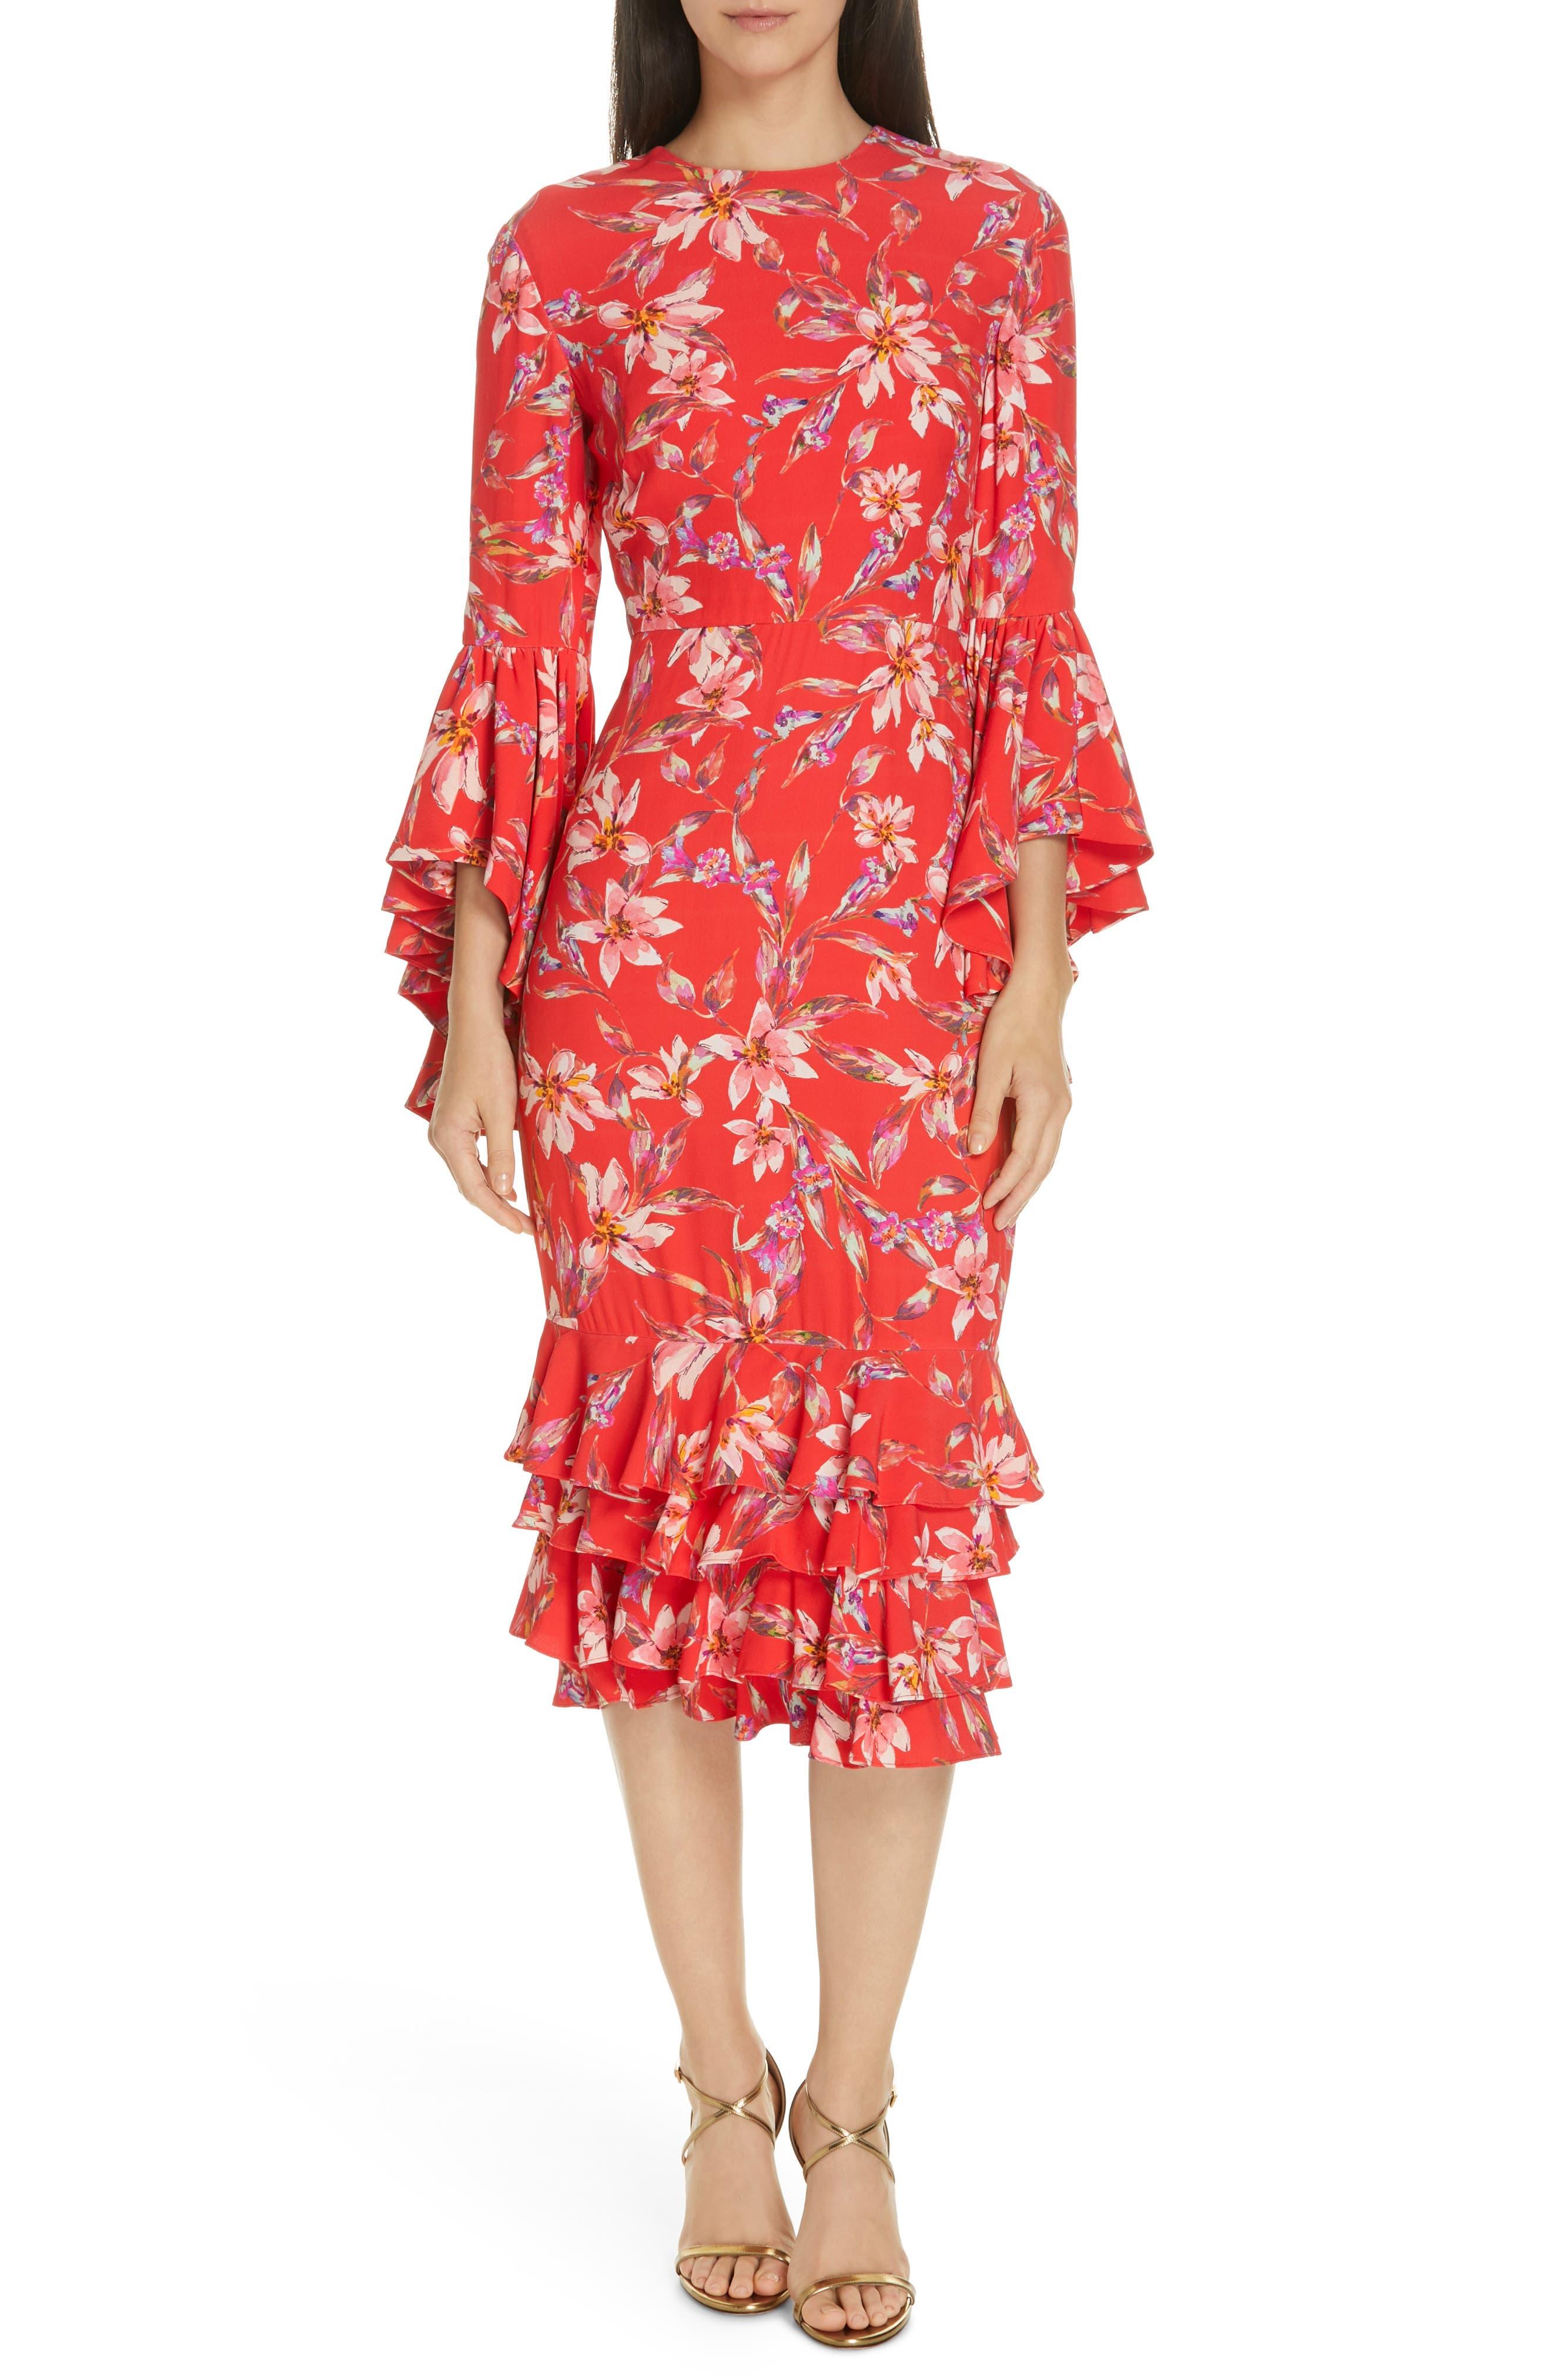 c8e676191c8 AMUR Business Clothes for Women  Dresses